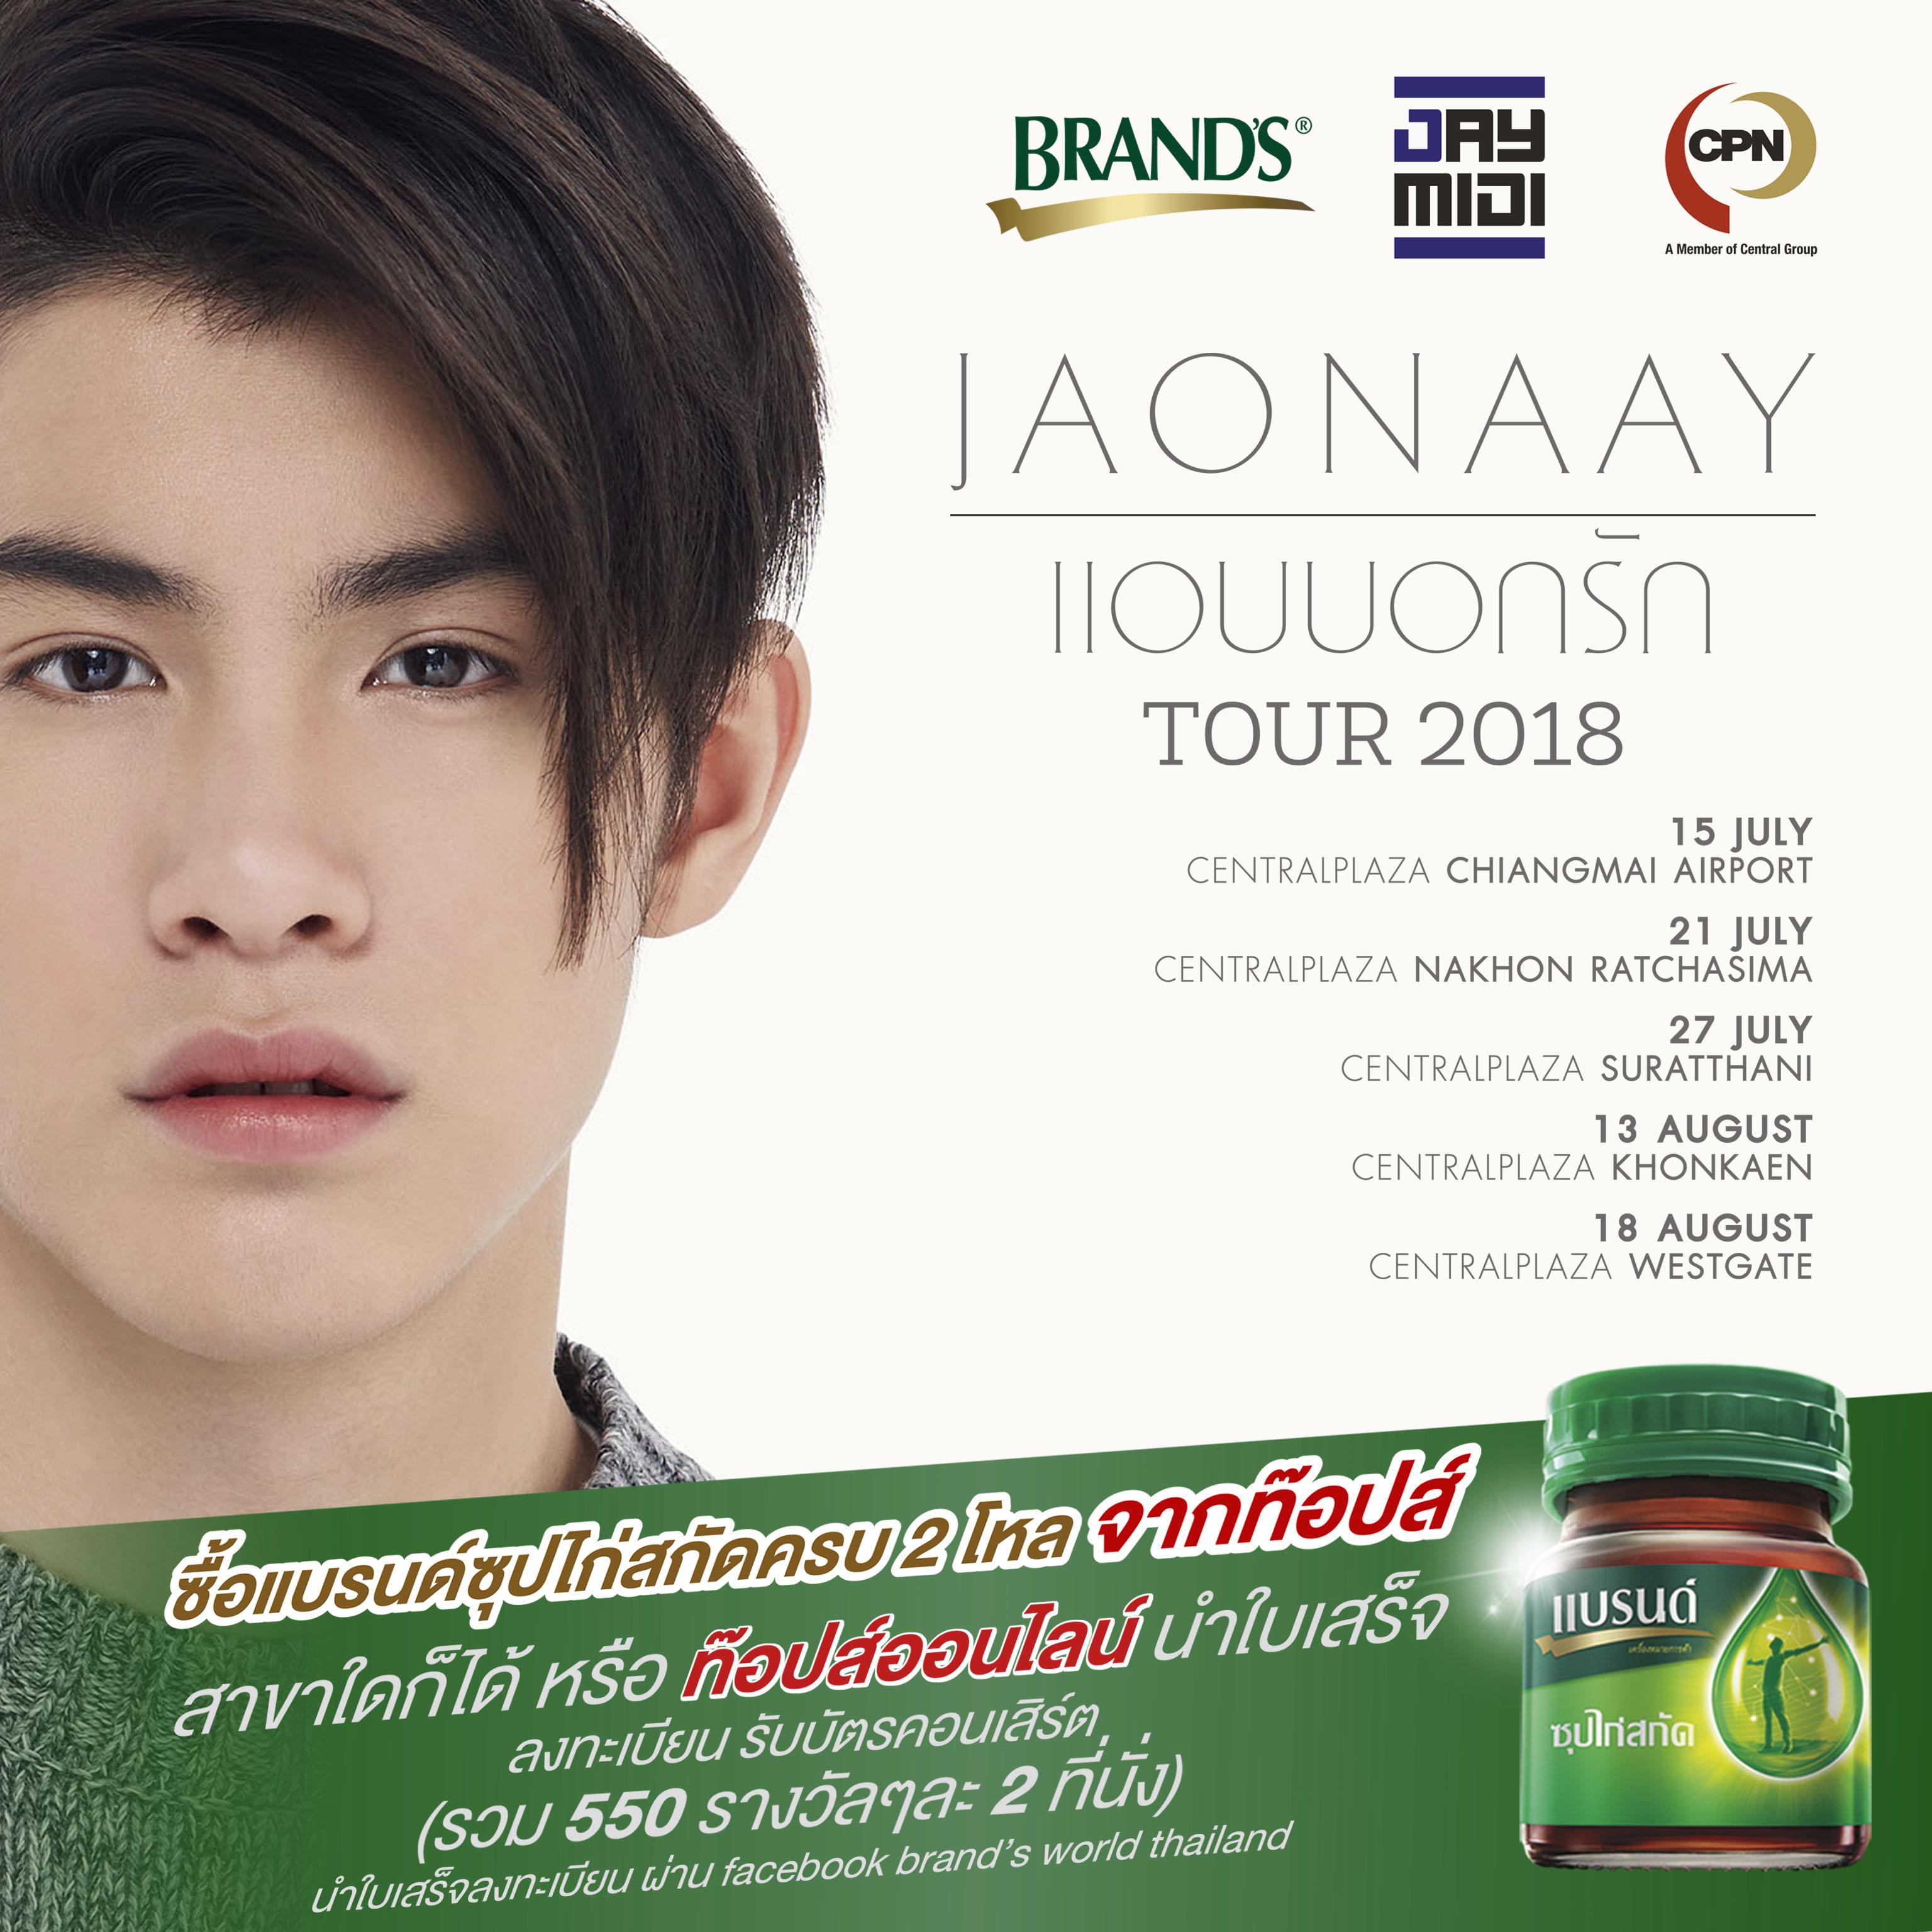 JAONAAY Tour 2018